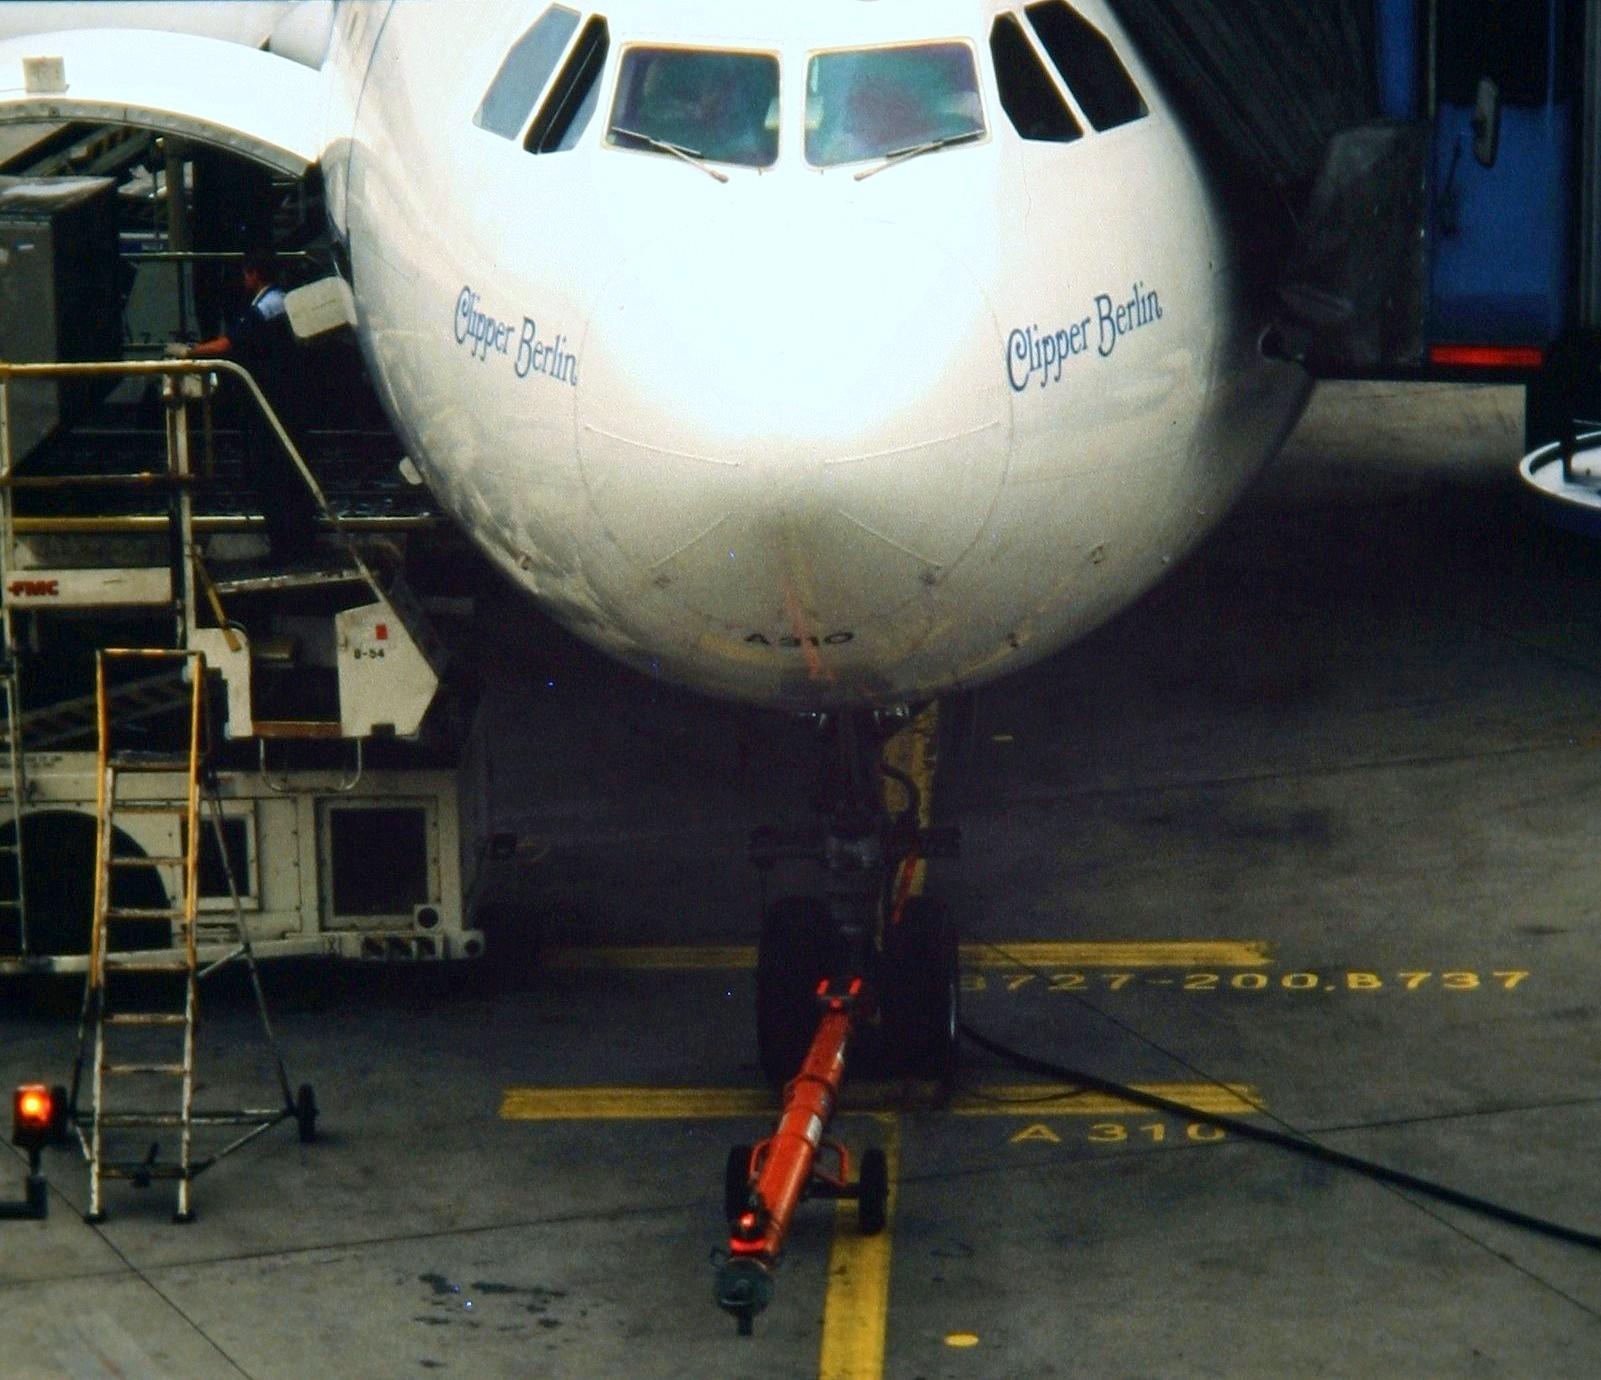 Bildergebnis für airbus clipper berlin